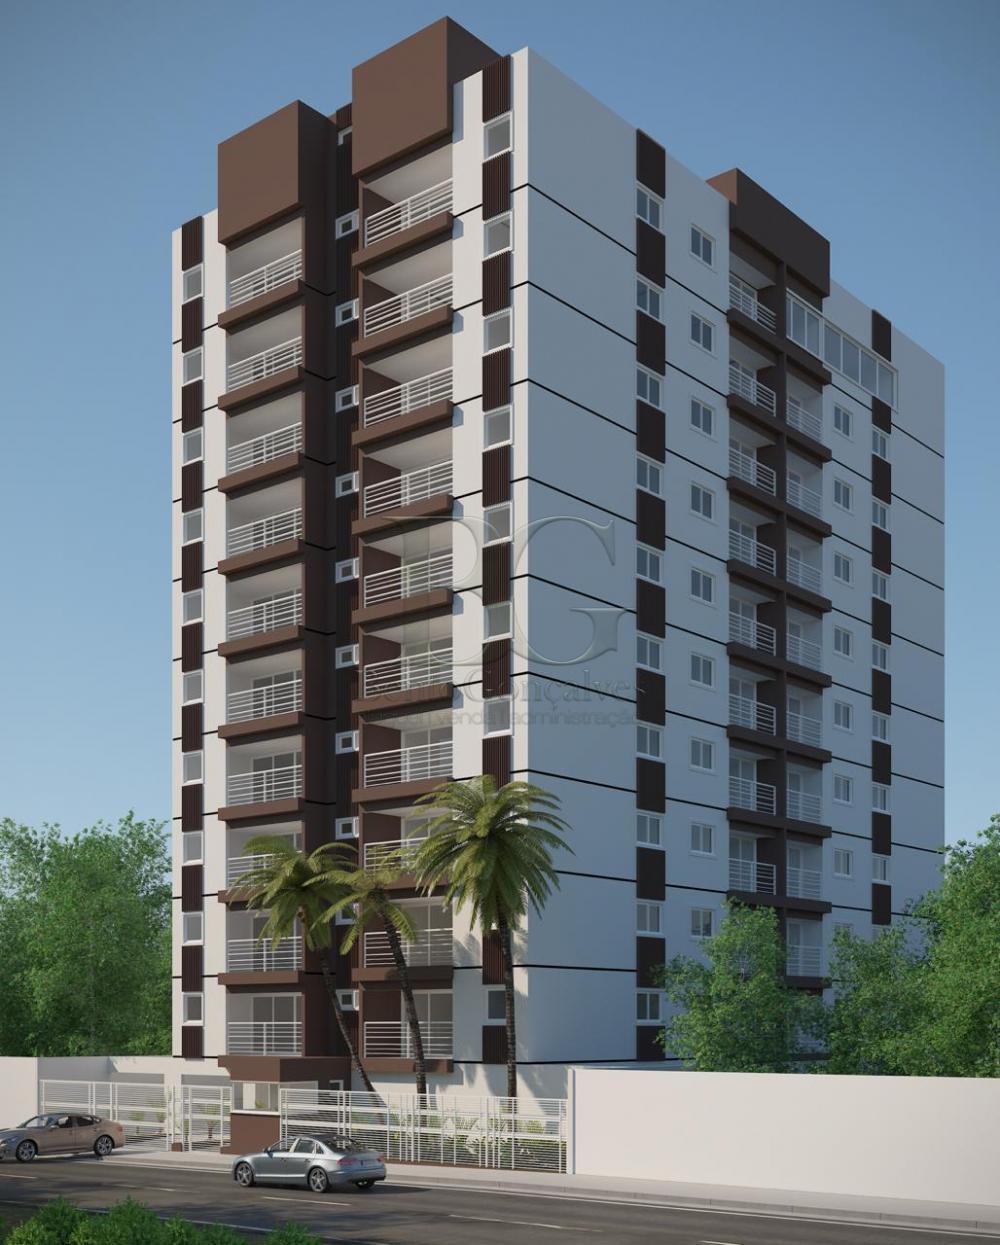 Pocos de Caldas Apartamento Venda R$387.000,00 Condominio R$170,00 3 Dormitorios 1 Suite Area construida 107.00m2